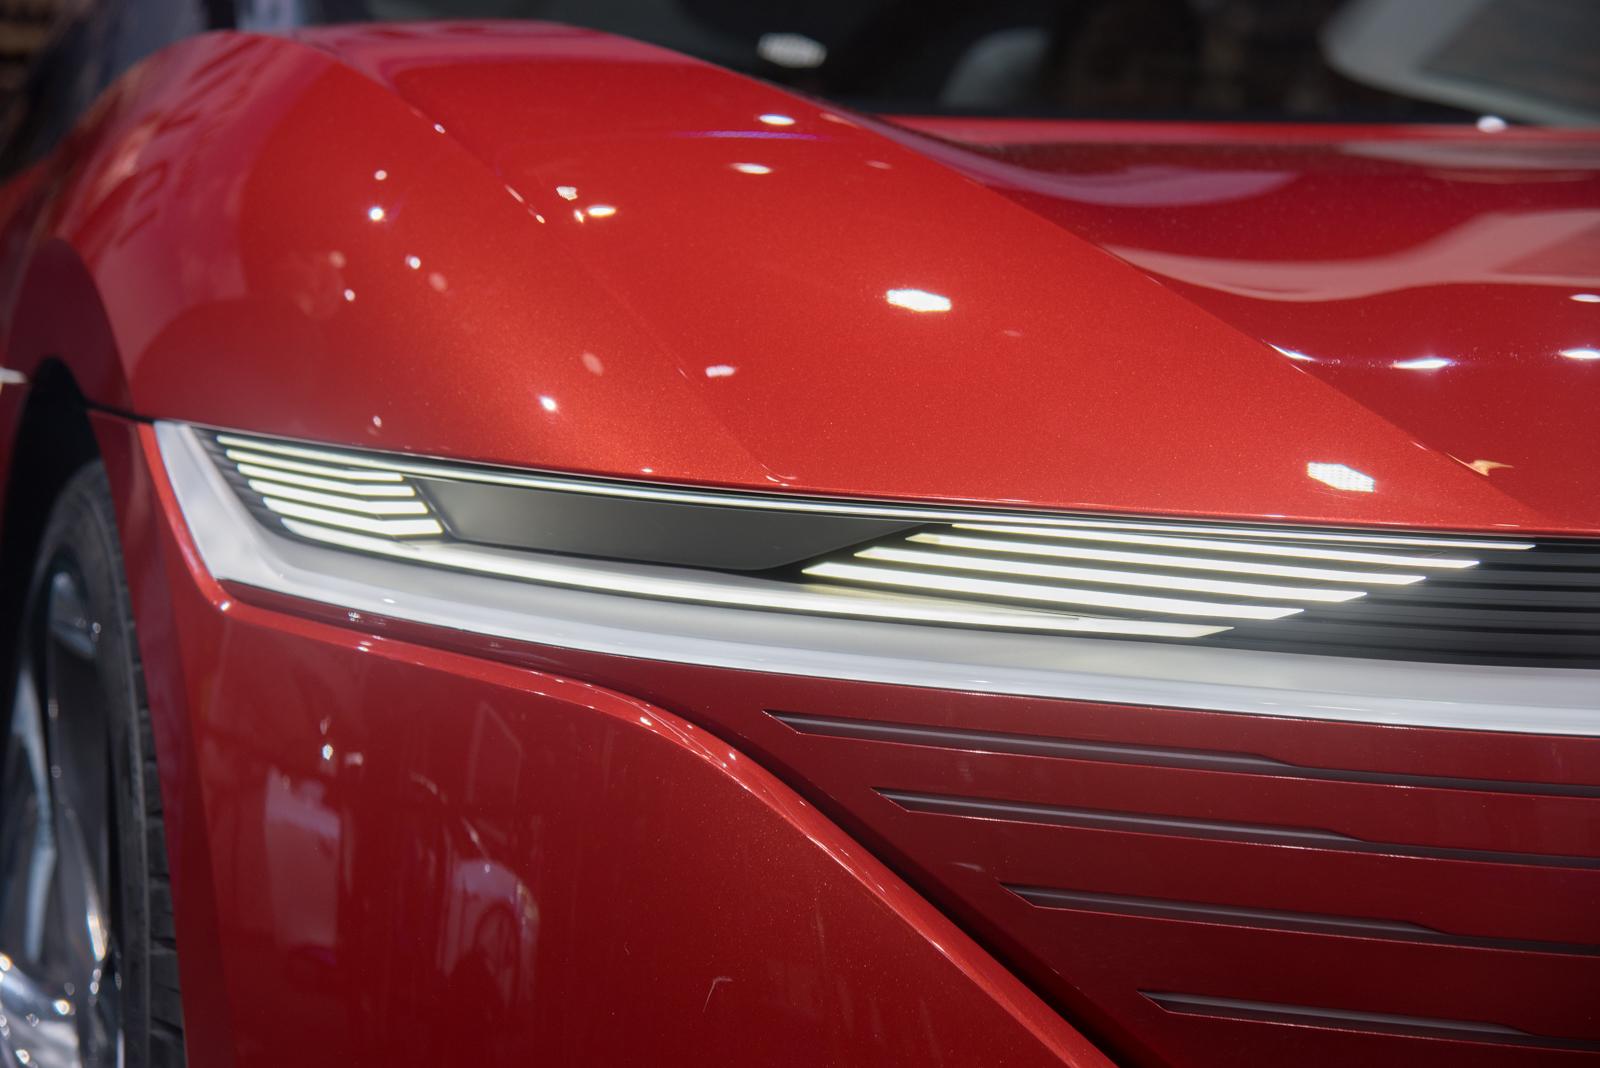 Audi-A3-facelift-sedan-test-mule-292